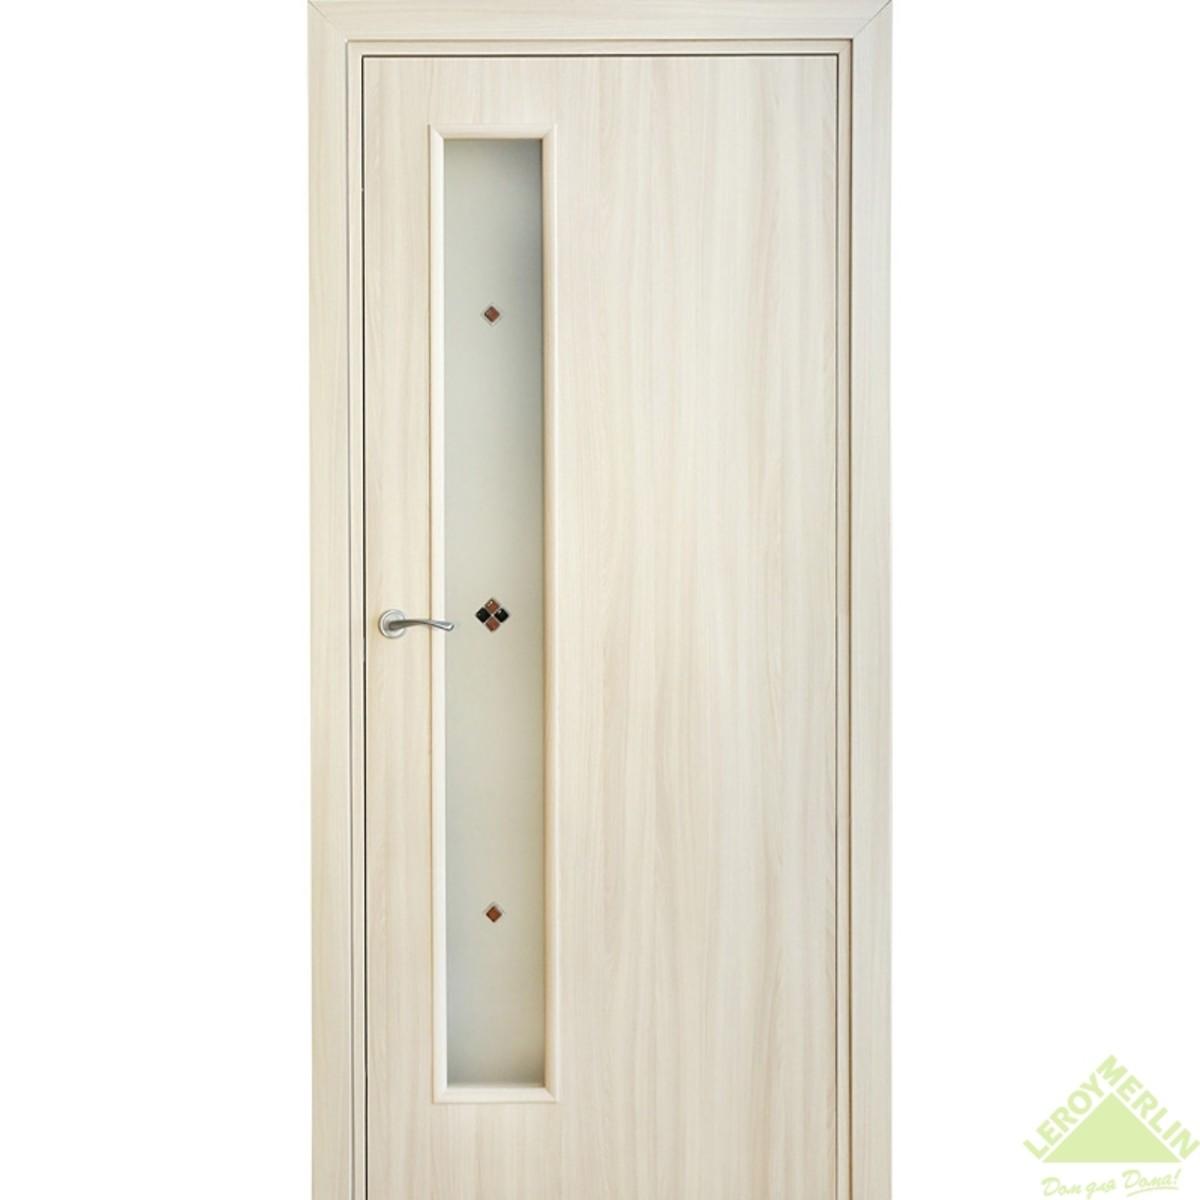 Дверь межкомнатная остеклённая Фортунато Модерн 90x200 см ламинация цвет ясень